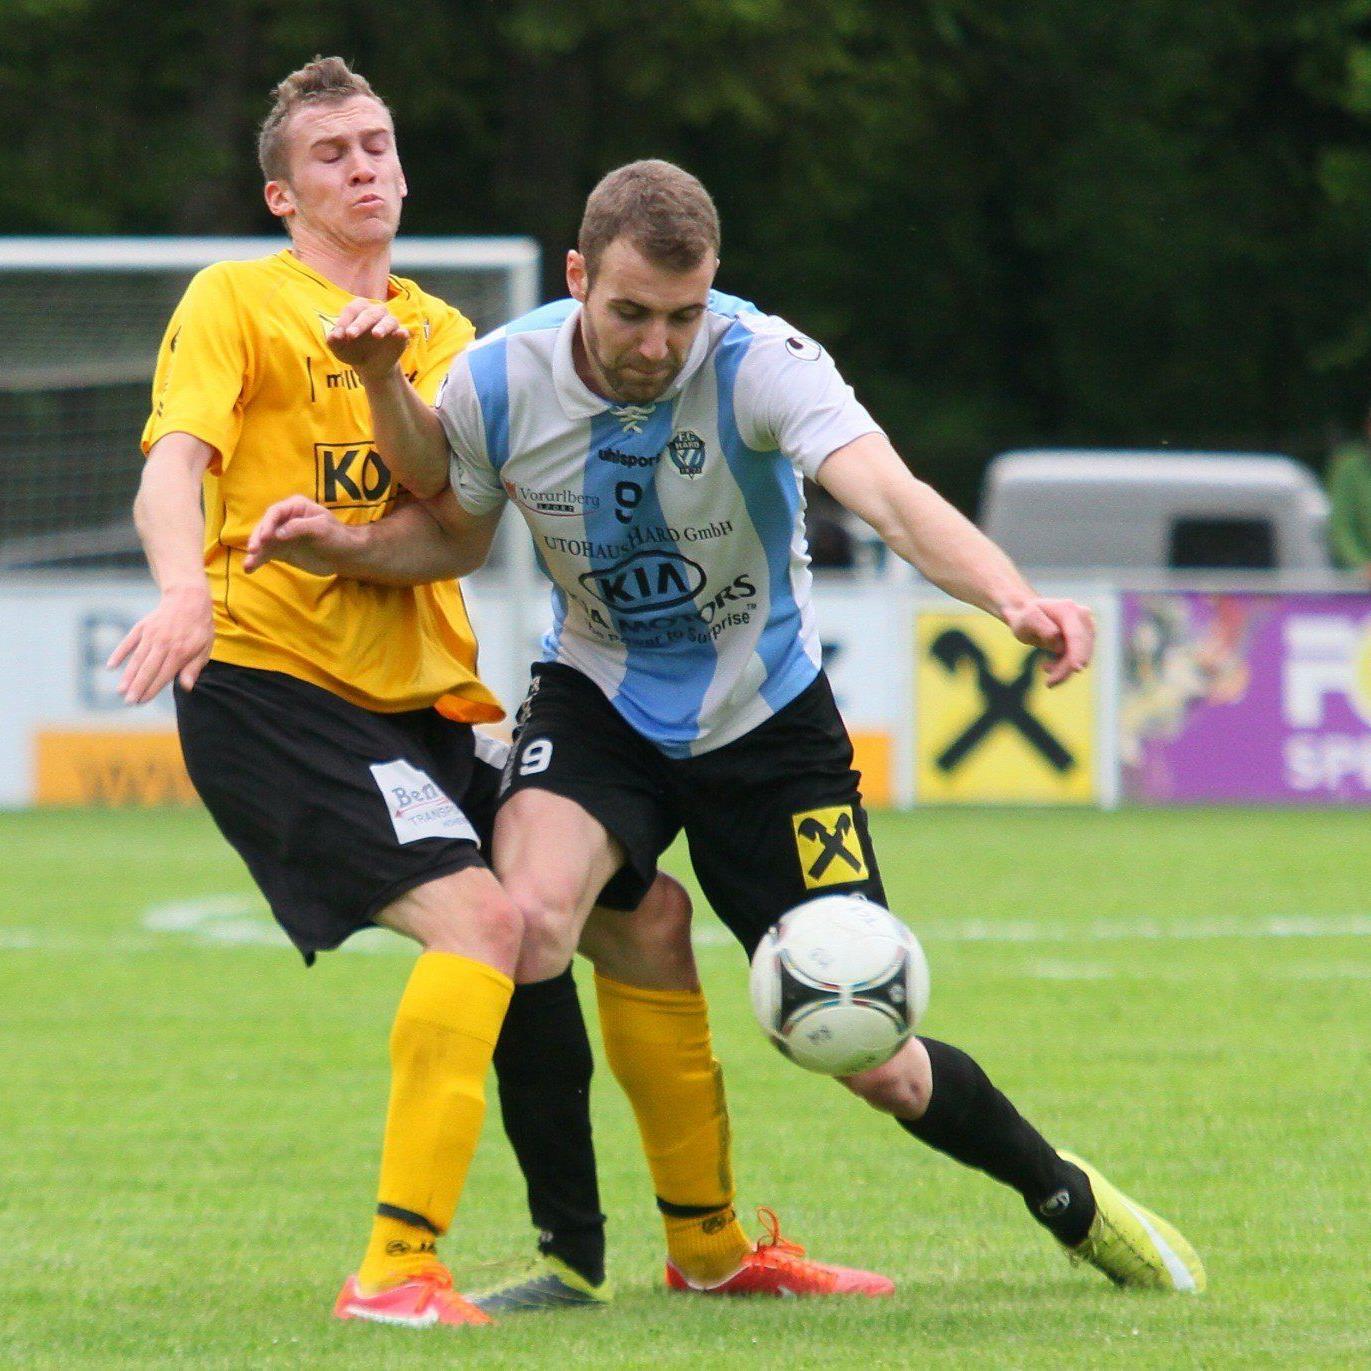 Hard-Torjäger Aleksandar Umjenovic spielt ab der neuen Saison für den FC Wolfurt.